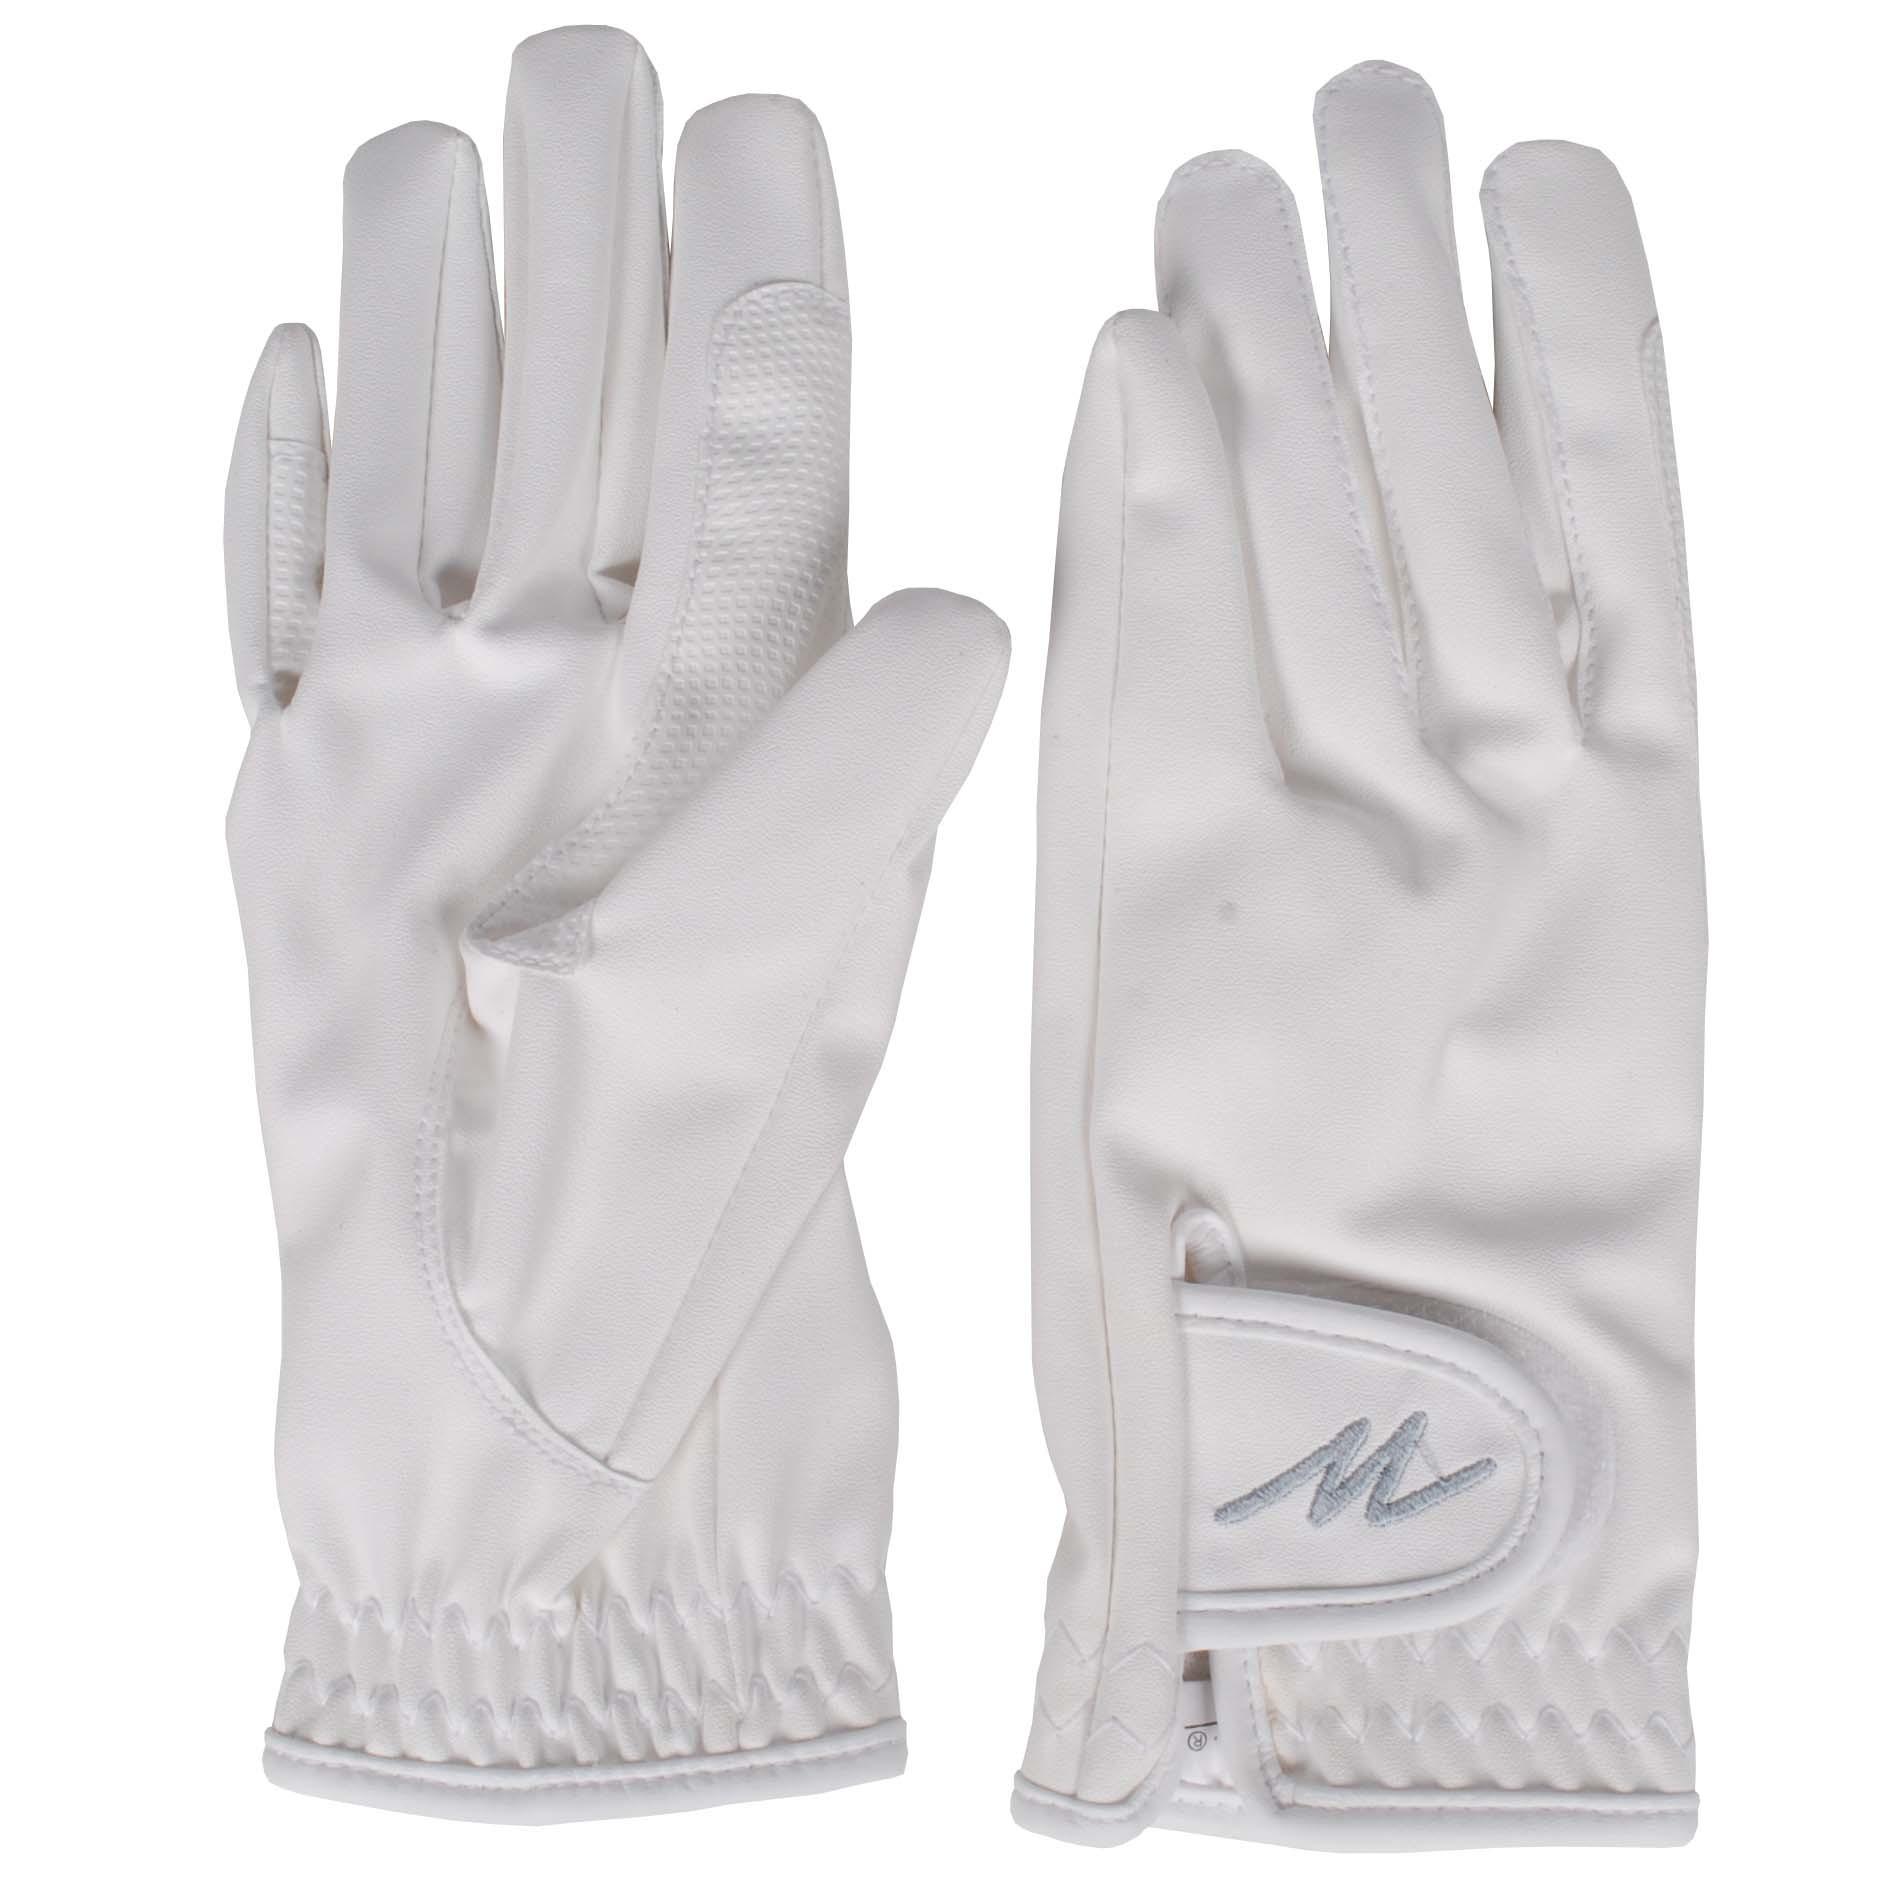 Mondoni Salvador handschoenen wit maat:m